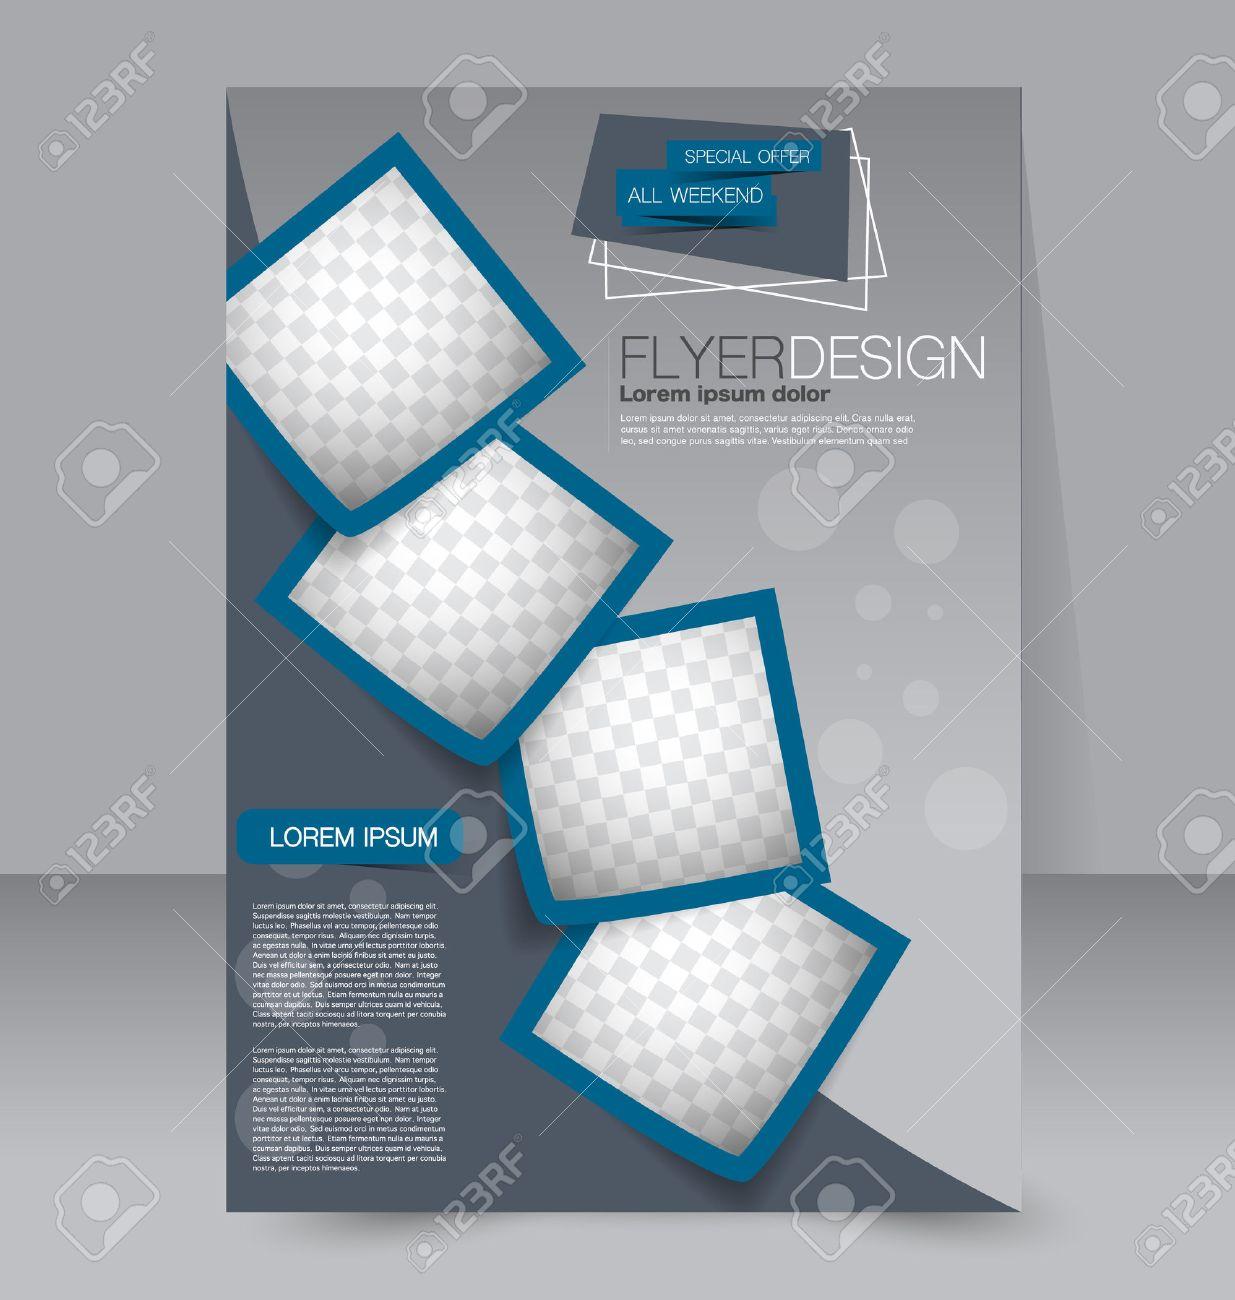 Berühmt Design Flyer Vorlagen Ideen - Beispielzusammenfassung Ideen ...